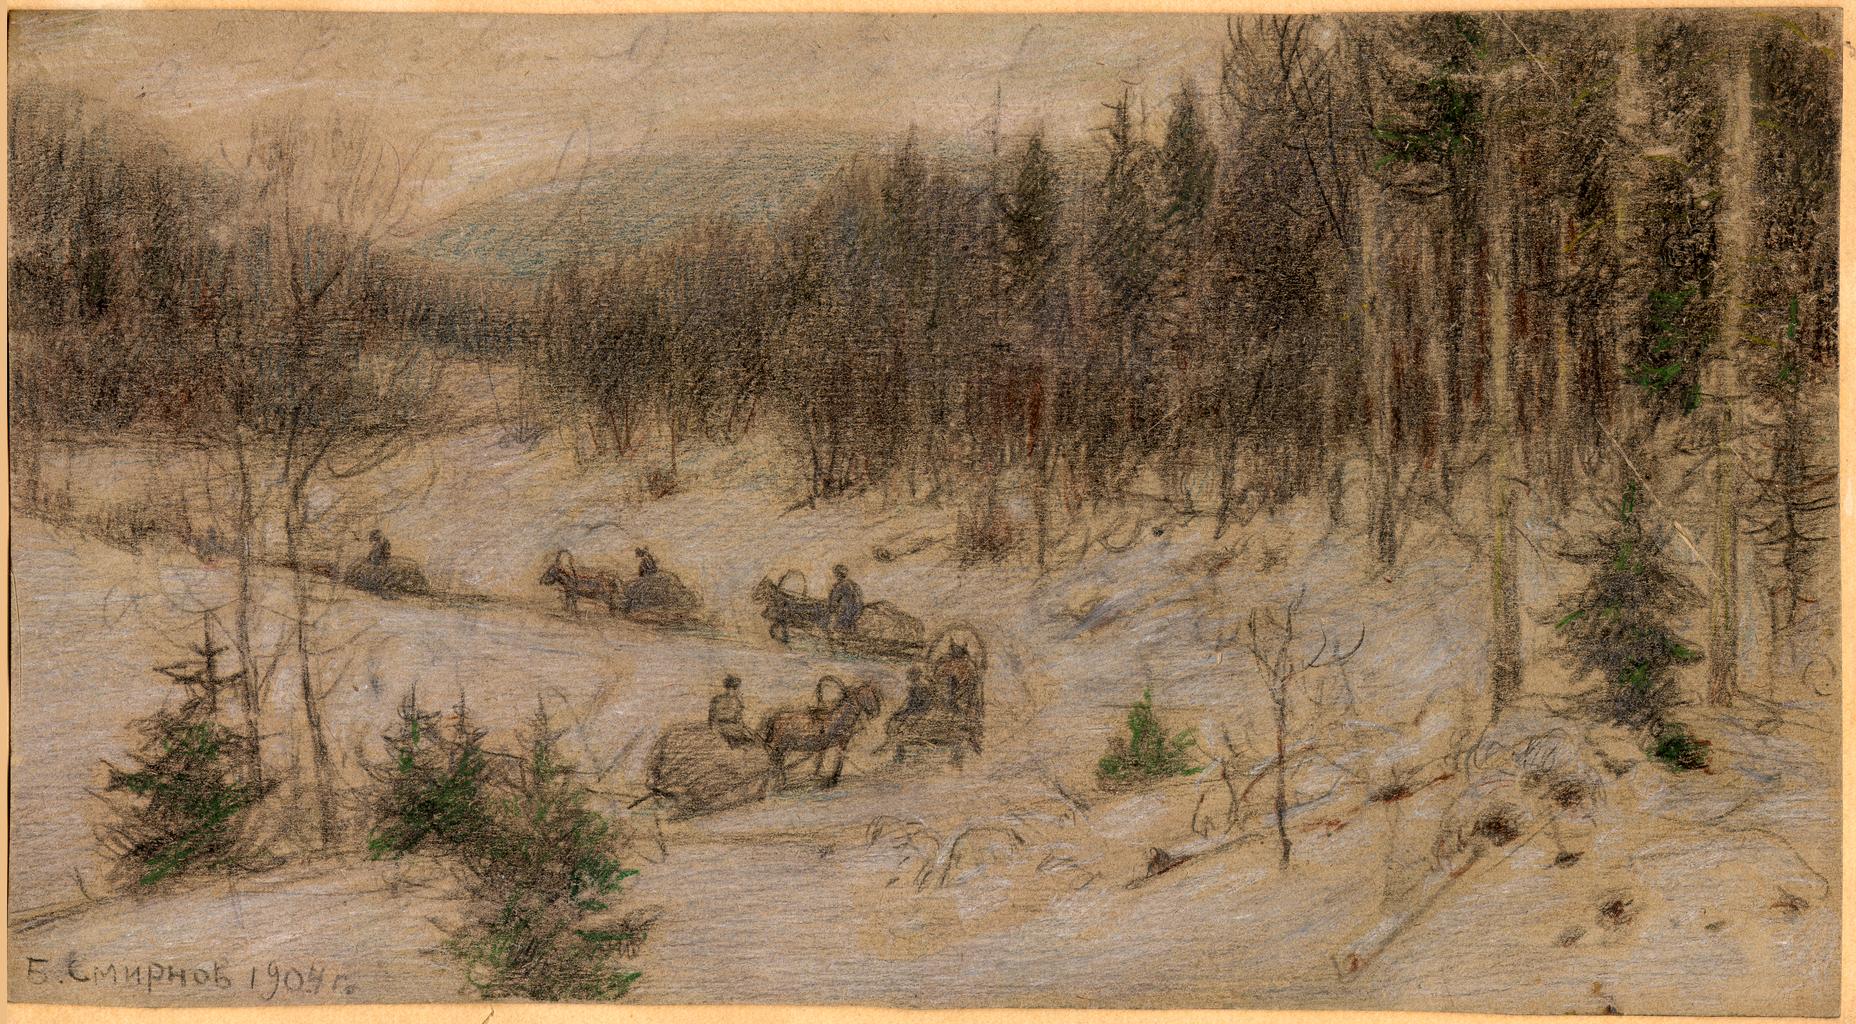 Сибирский тракт зимой. Идет обоз в лесу в районе Красноярска